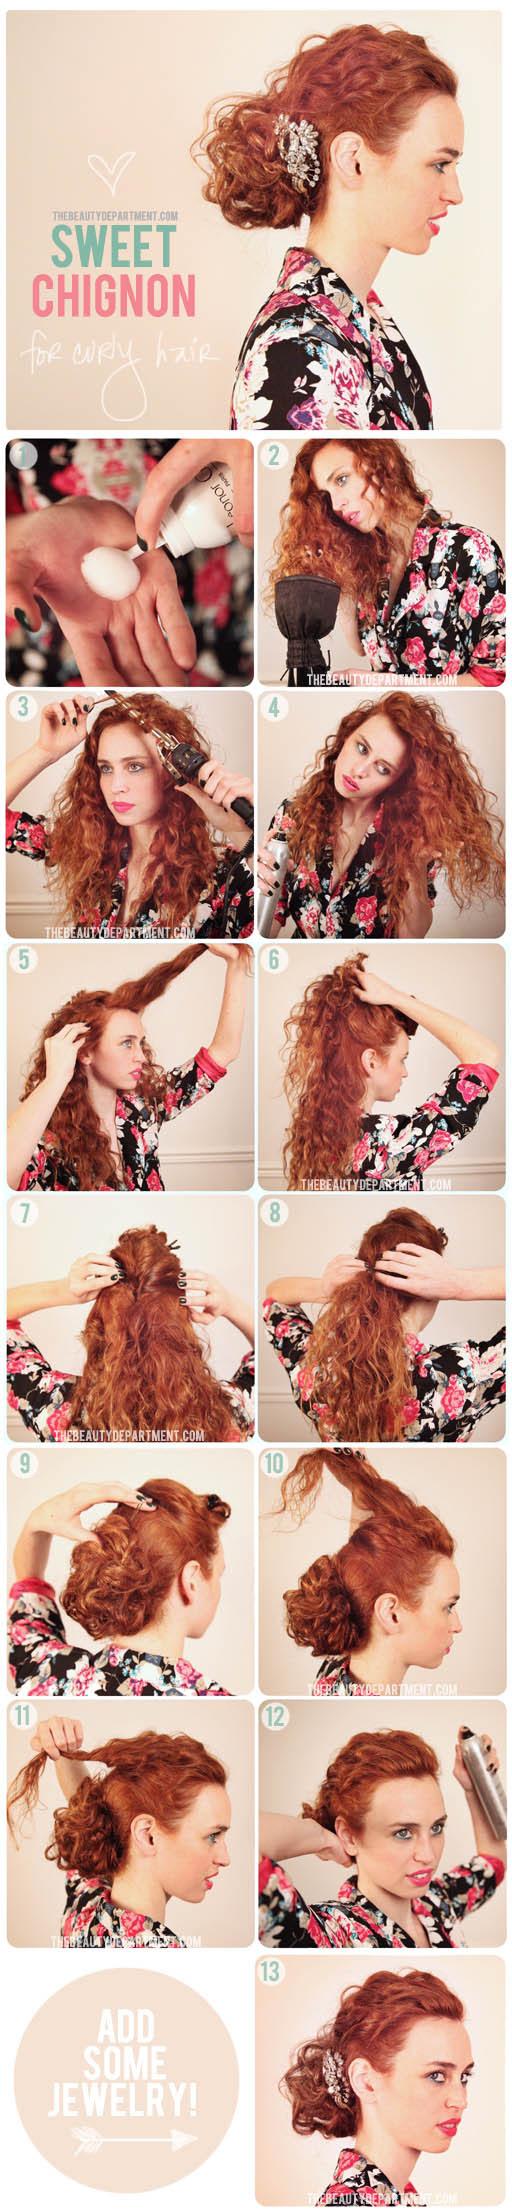 10 tutorial per avere dei fantastici capelli raccolti! - acconciature capelli ricci tutorial